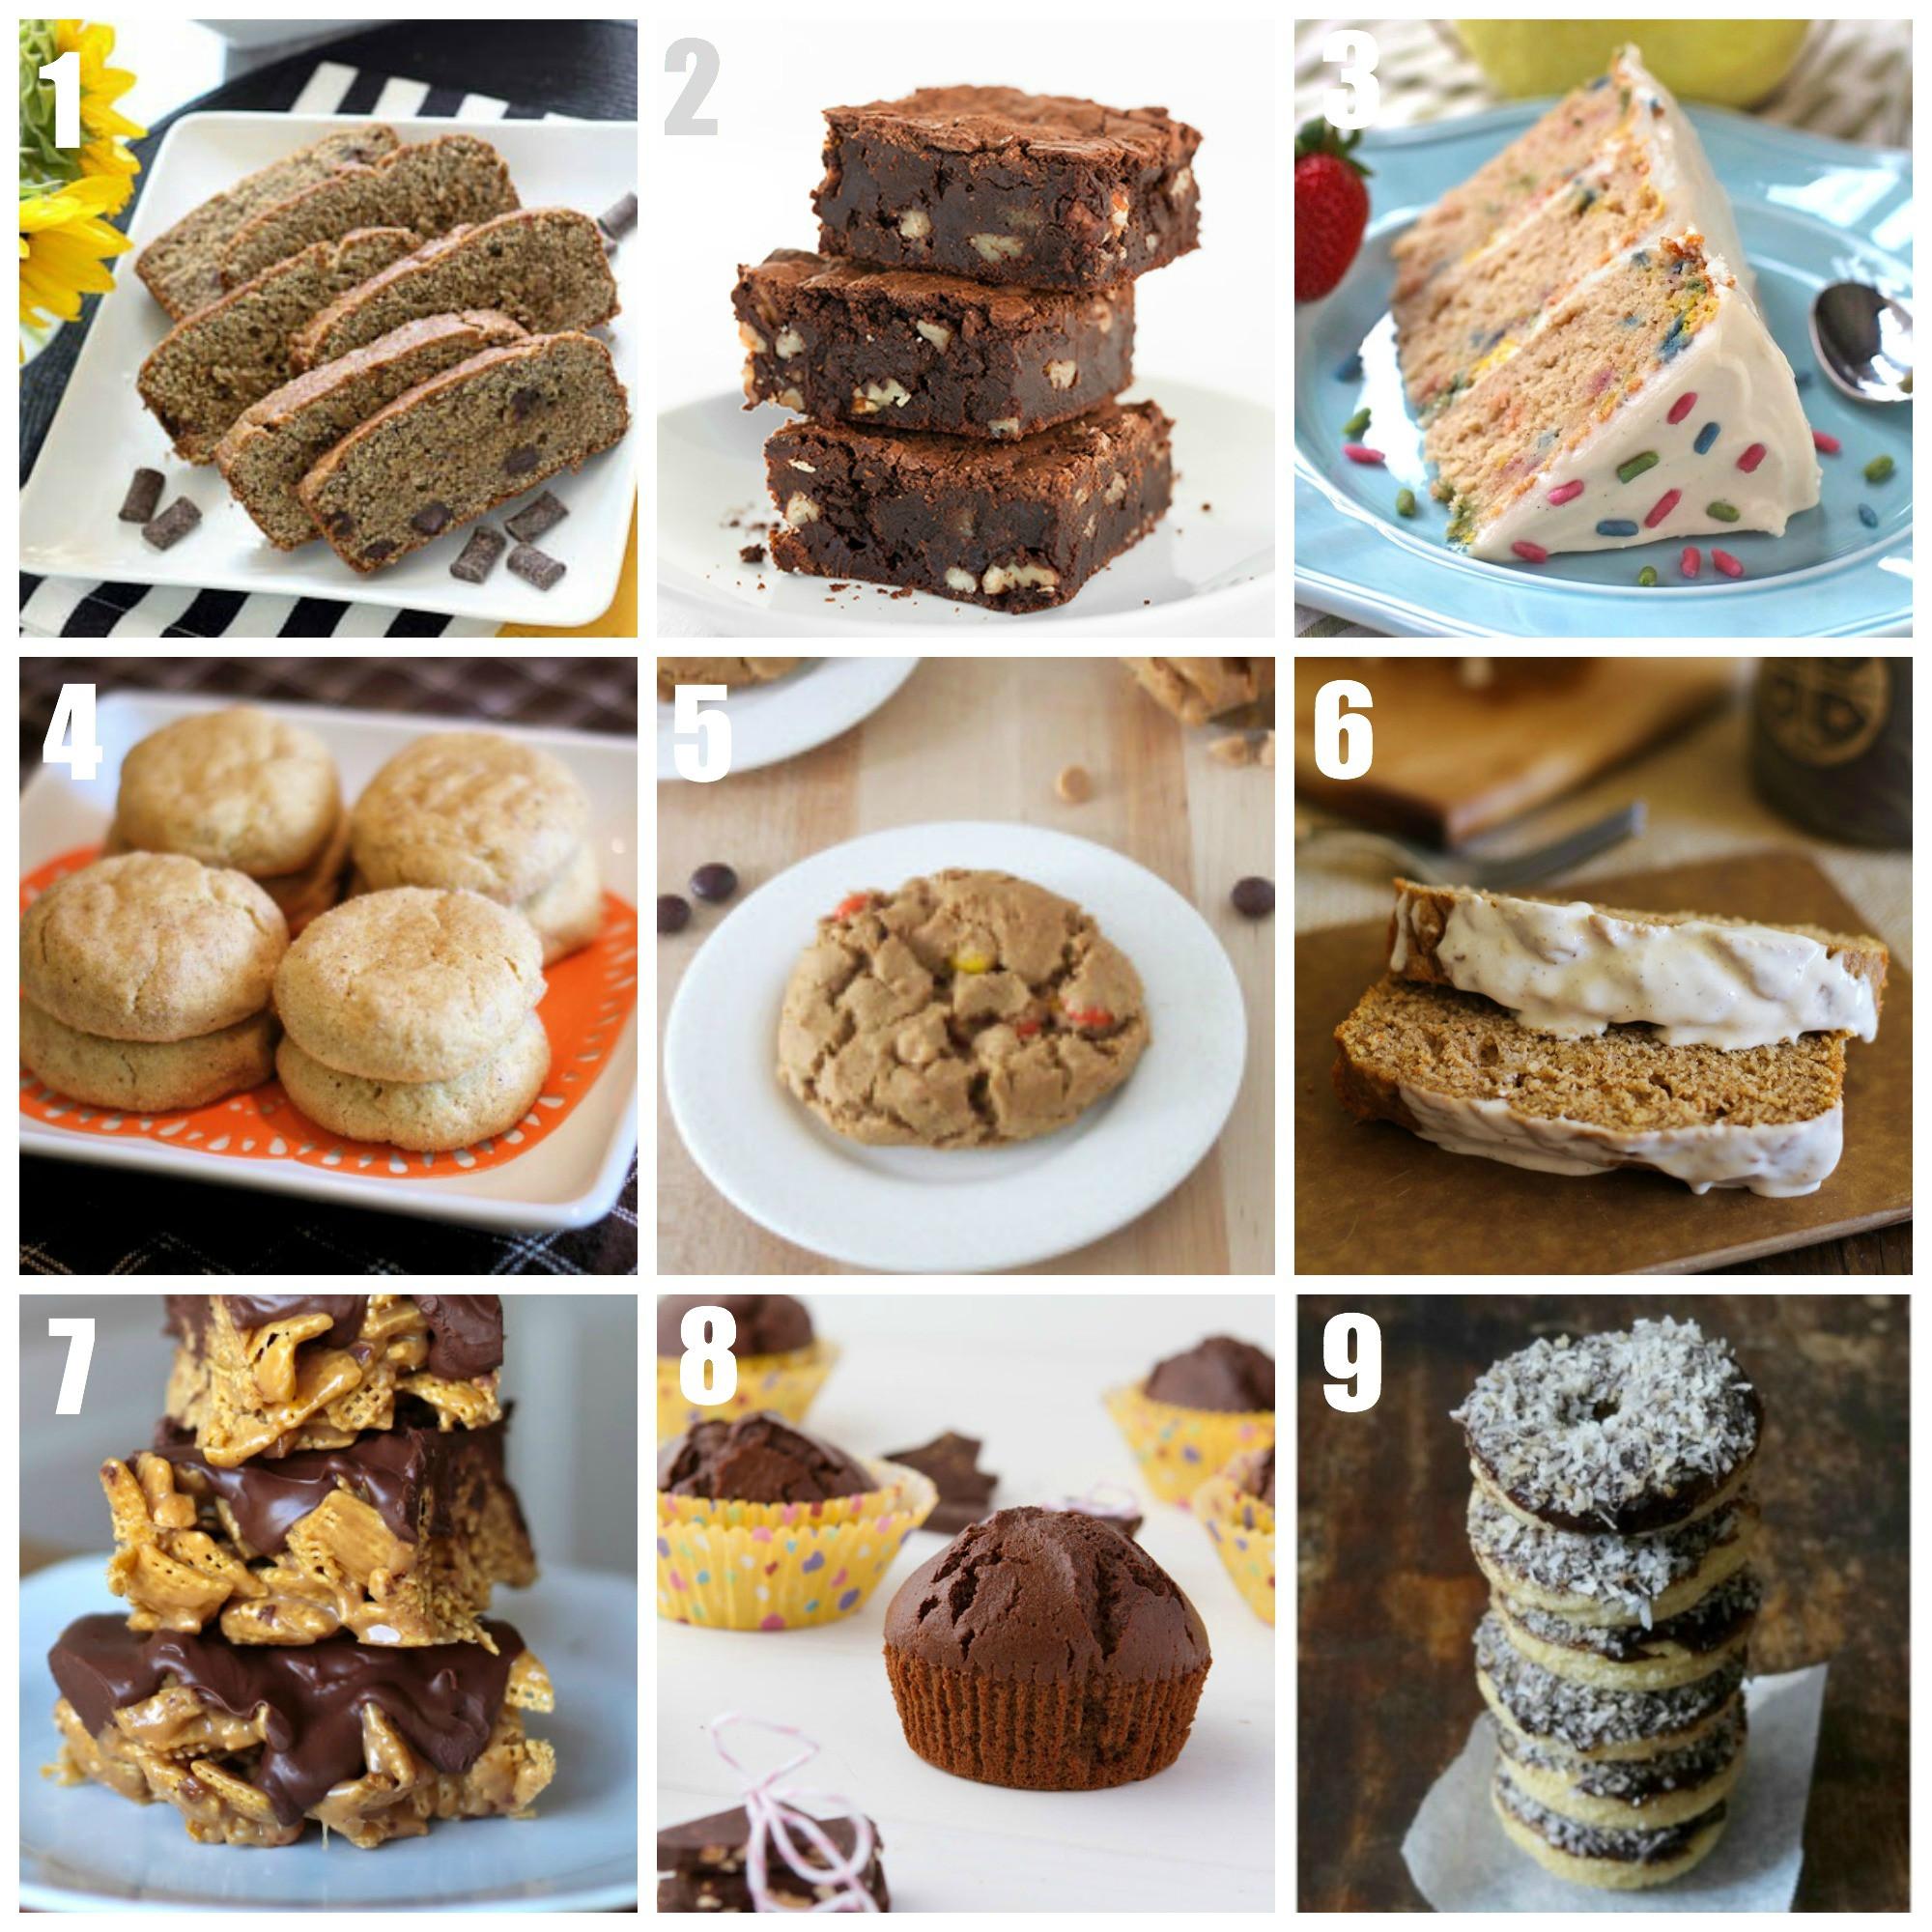 Gluten Free Dessert Ideas  Easy Gluten Free Dessert Recipes